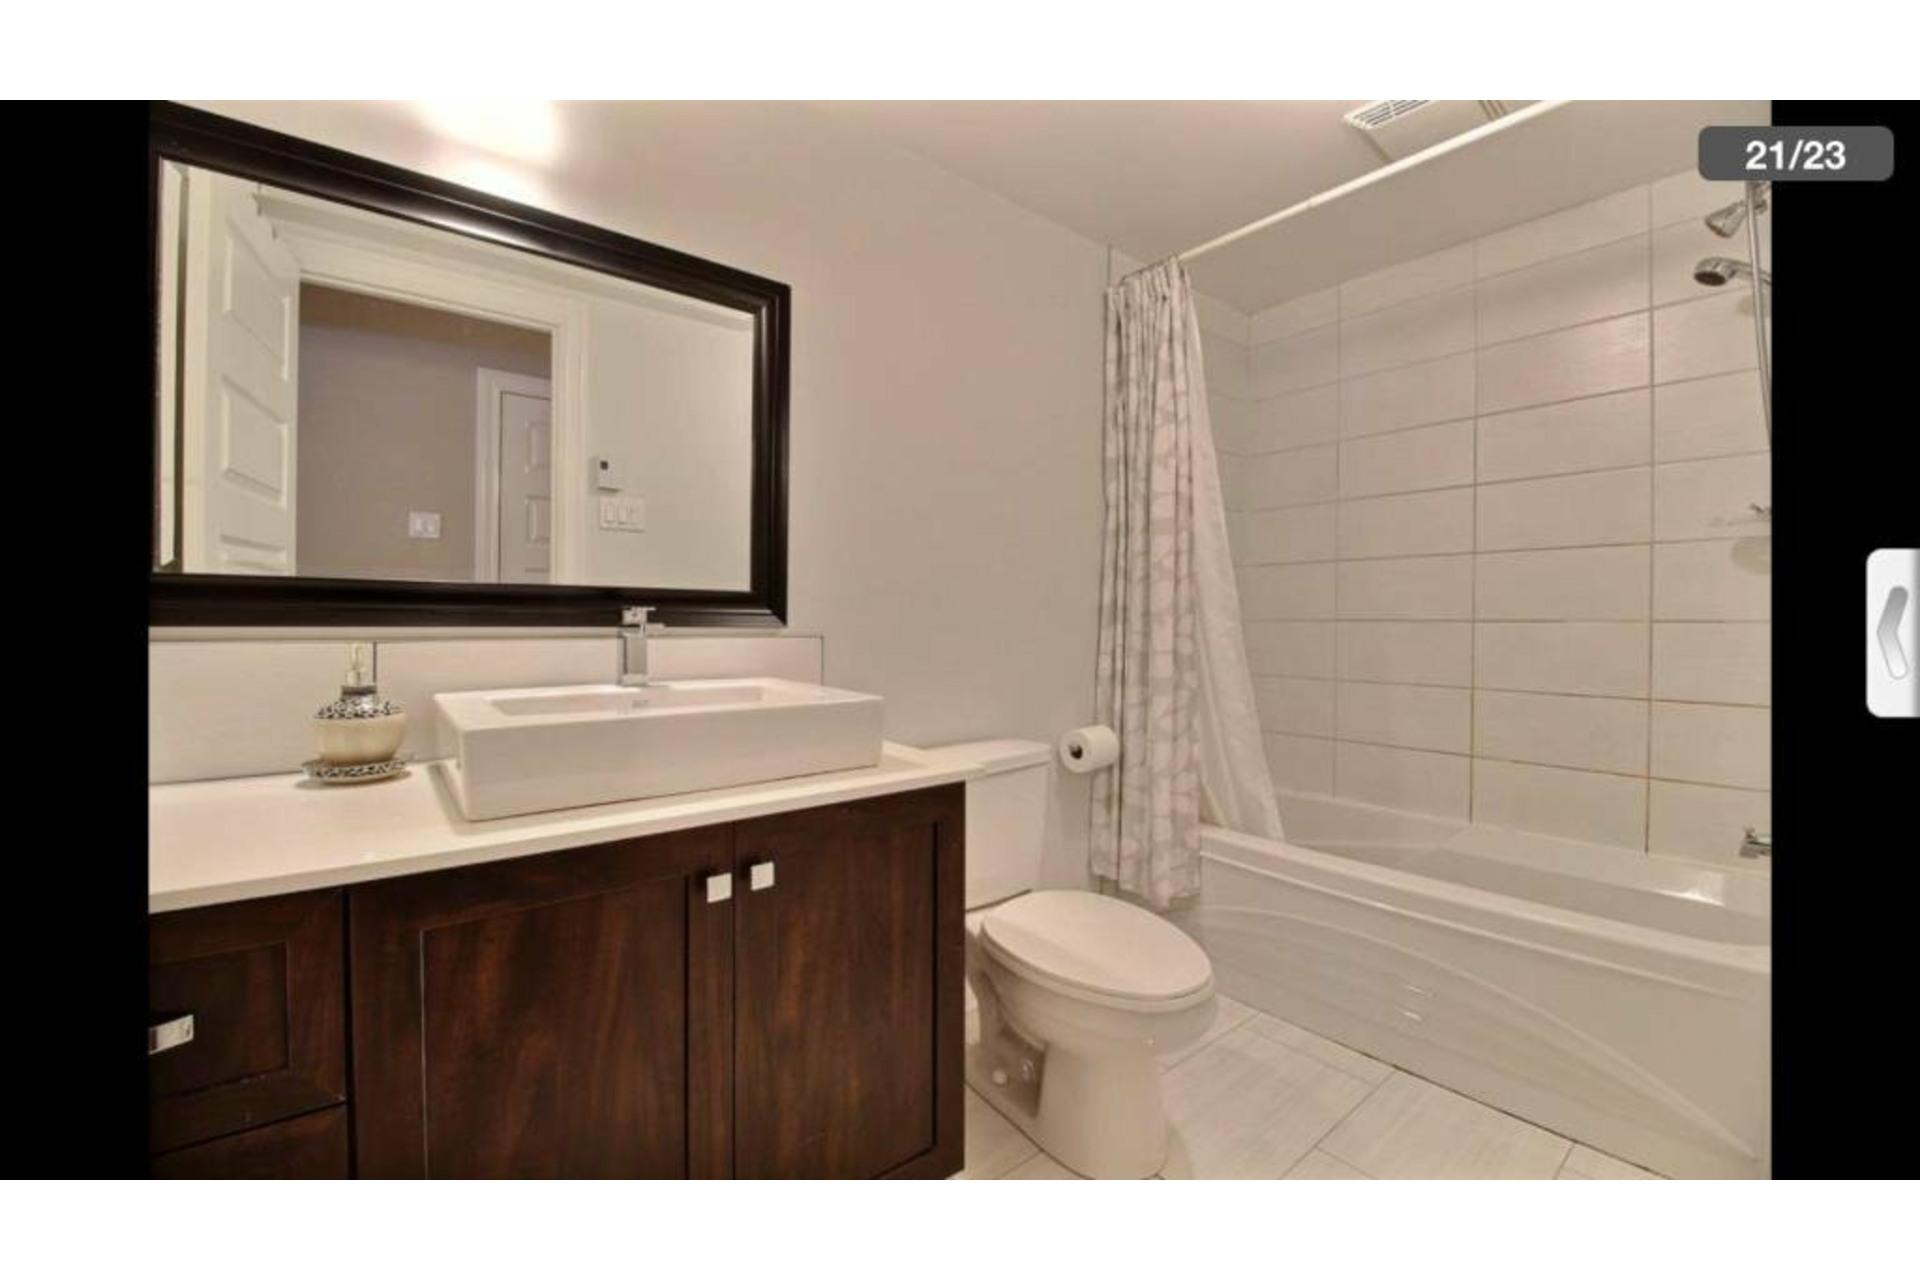 image 18 - Apartment For rent Saint-Laurent Montréal  - 10 rooms